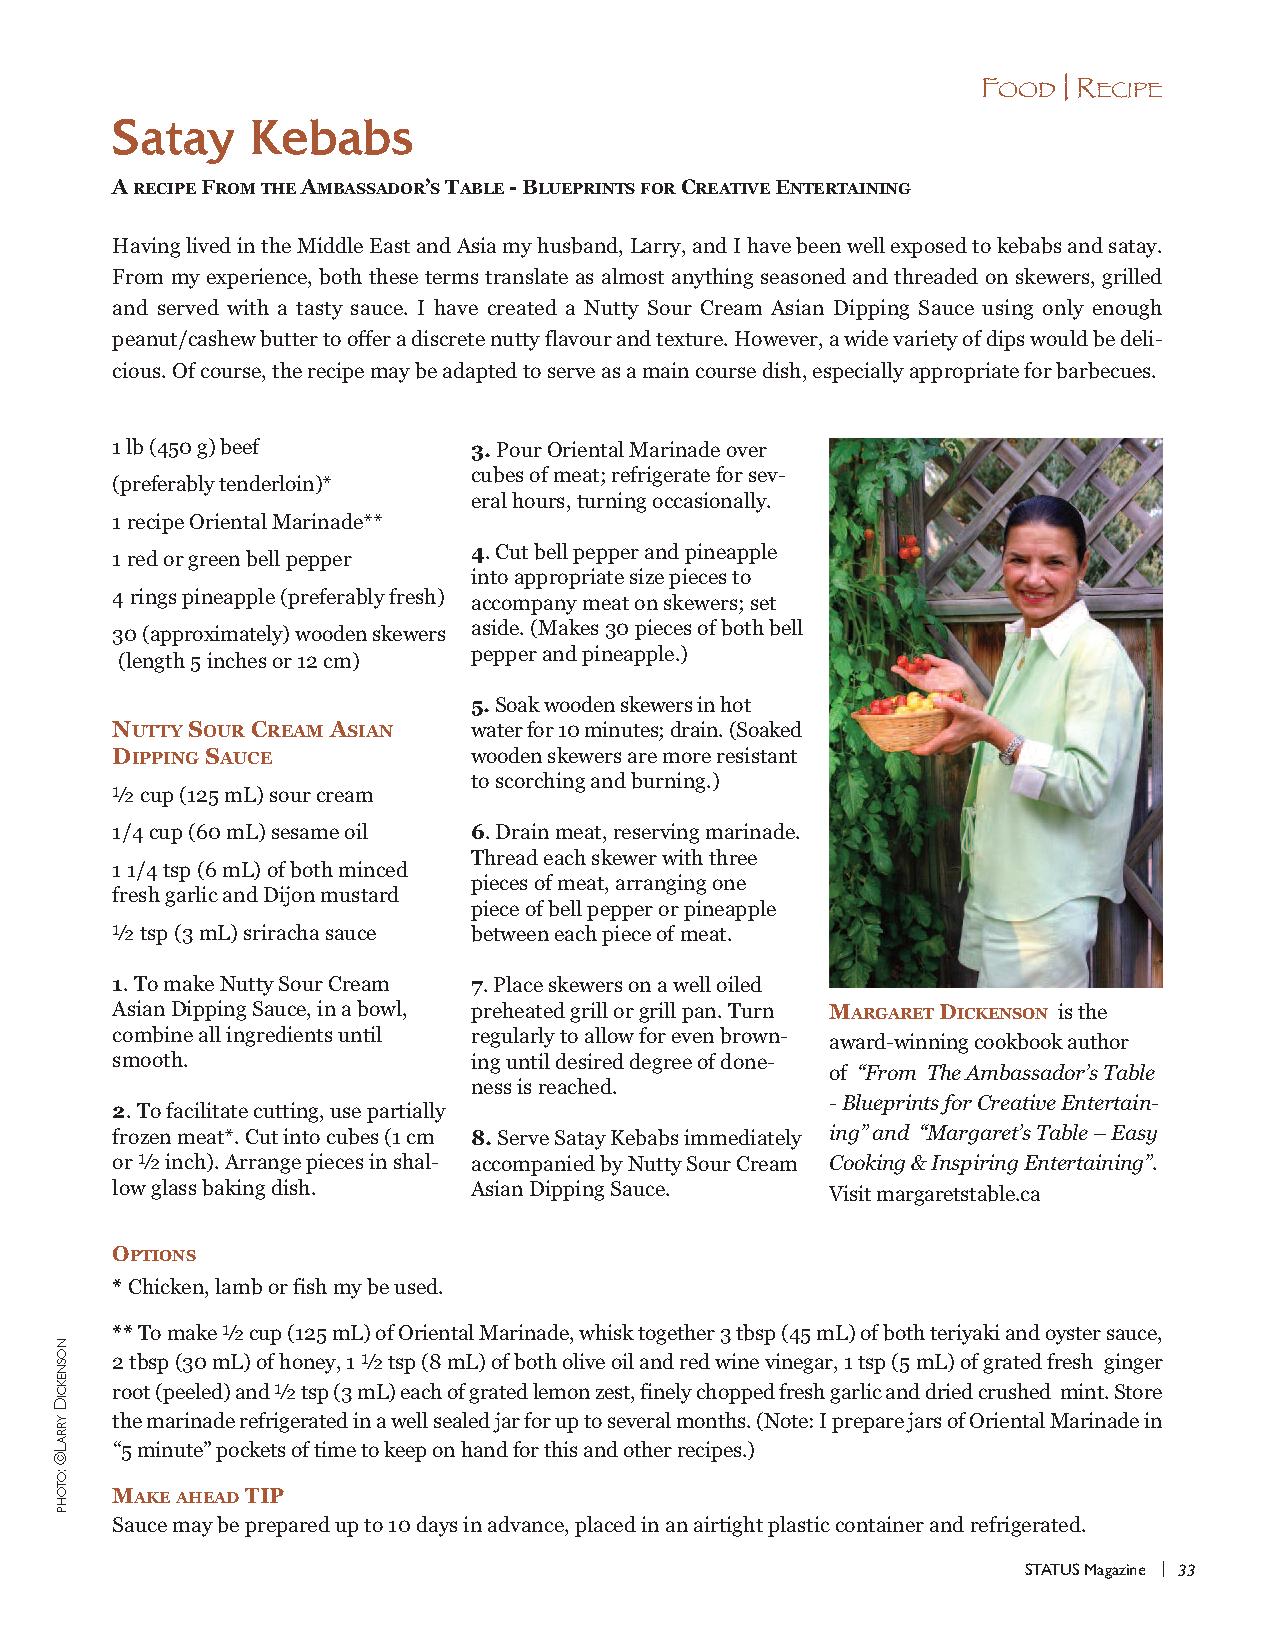 STATUS Magazine LarryDickenson Satay Kebabs2